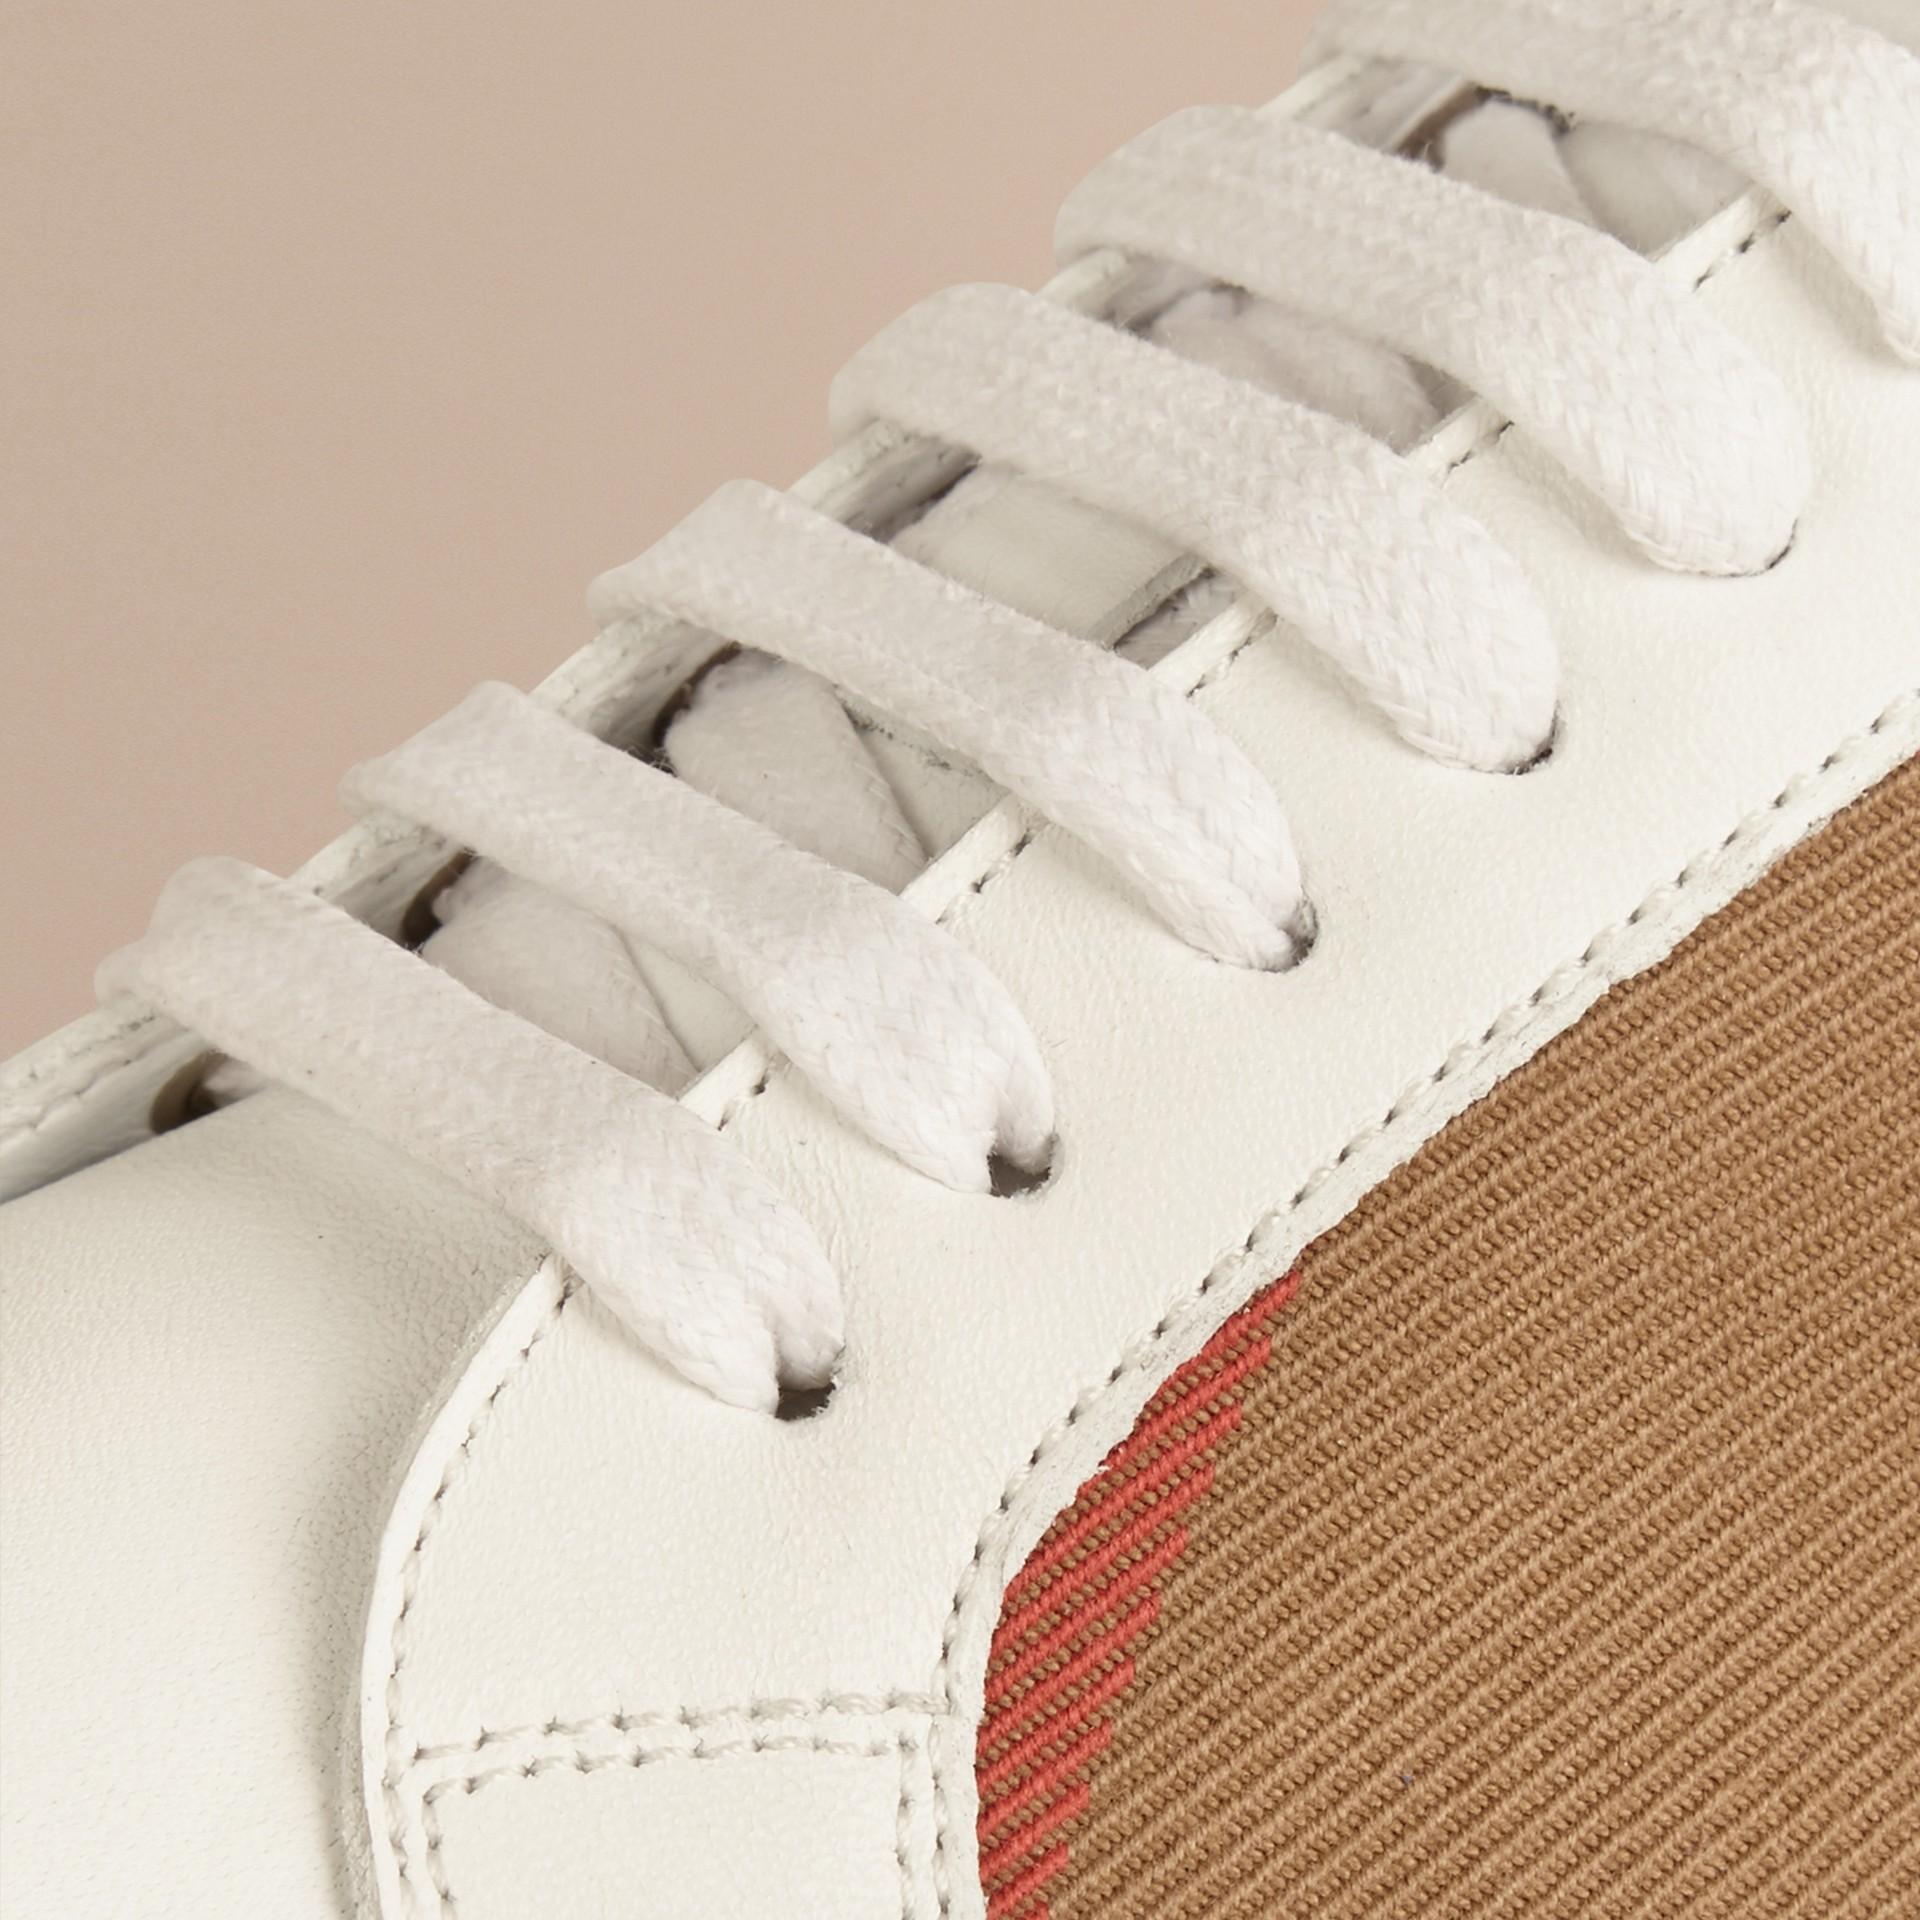 House check/blanc optique Sneakers en coton House check et cuir - photo de la galerie 2